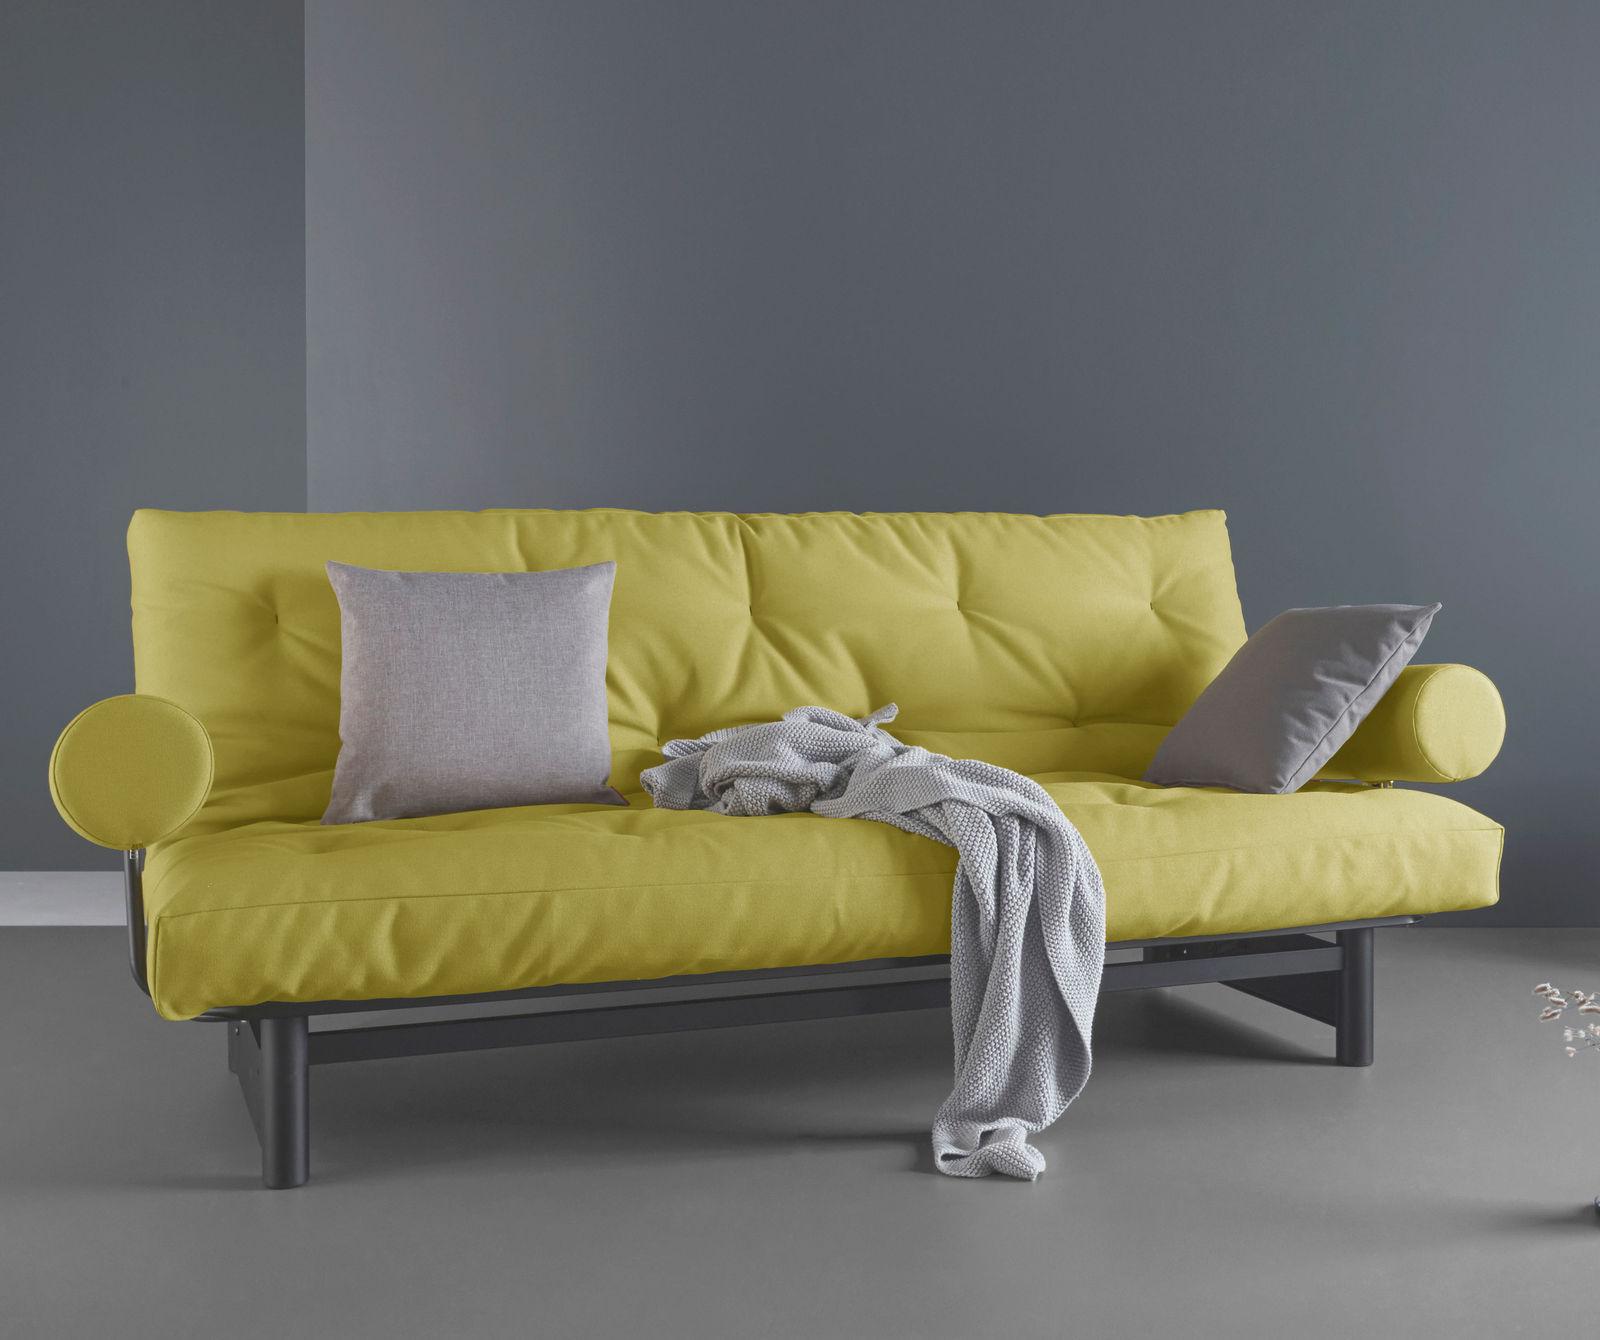 schlafcouch mit bettkasten fotos das sieht stilvolle. Black Bedroom Furniture Sets. Home Design Ideas